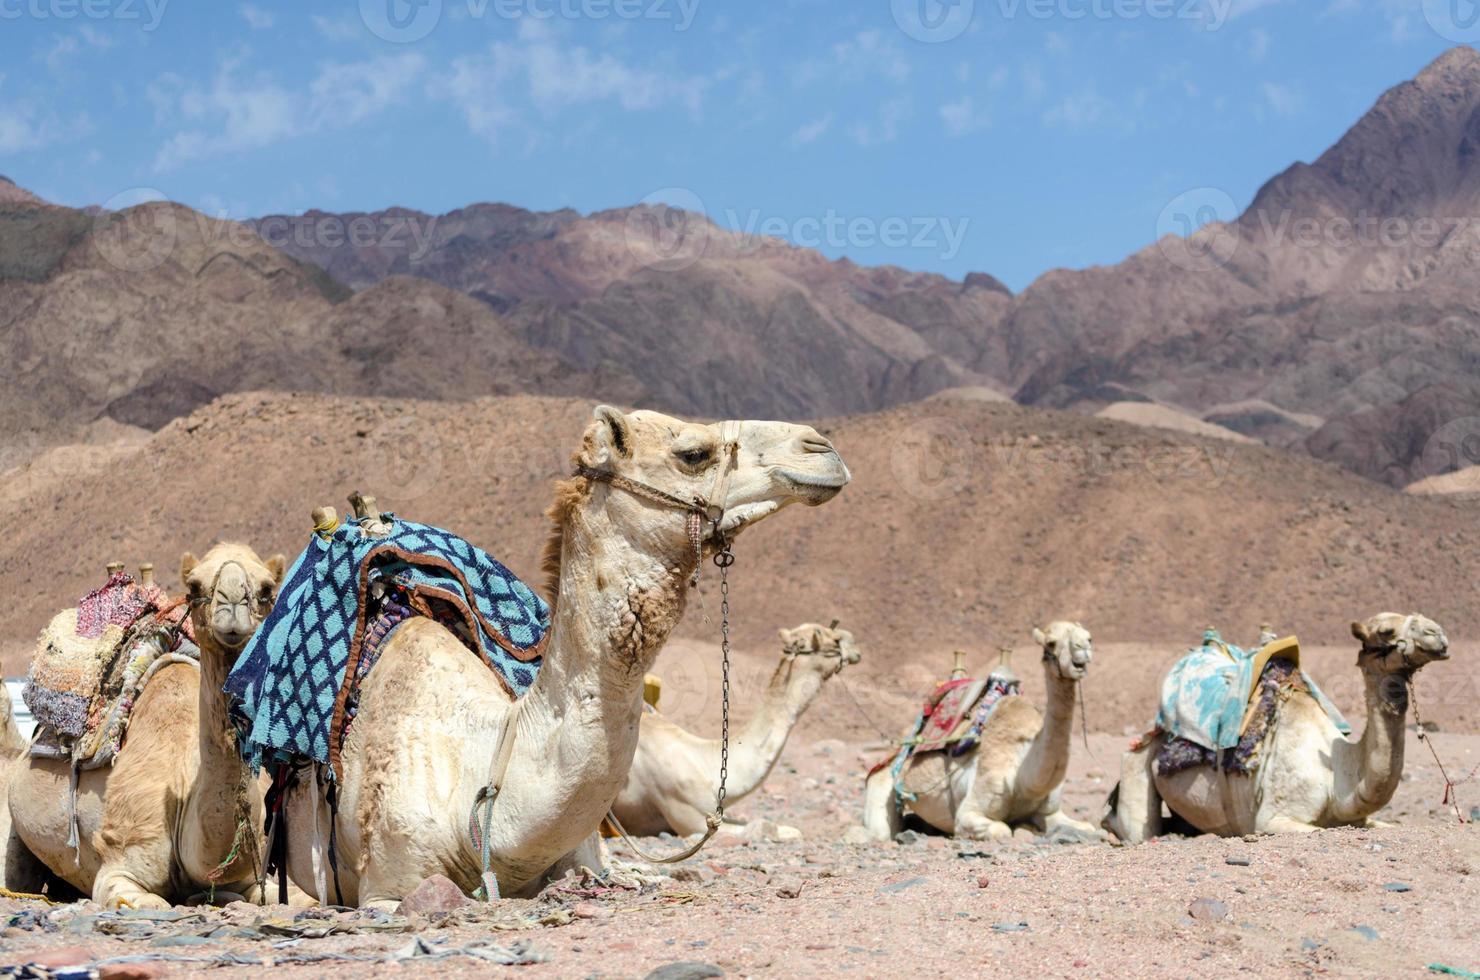 kamelen in de buurt van bergen foto